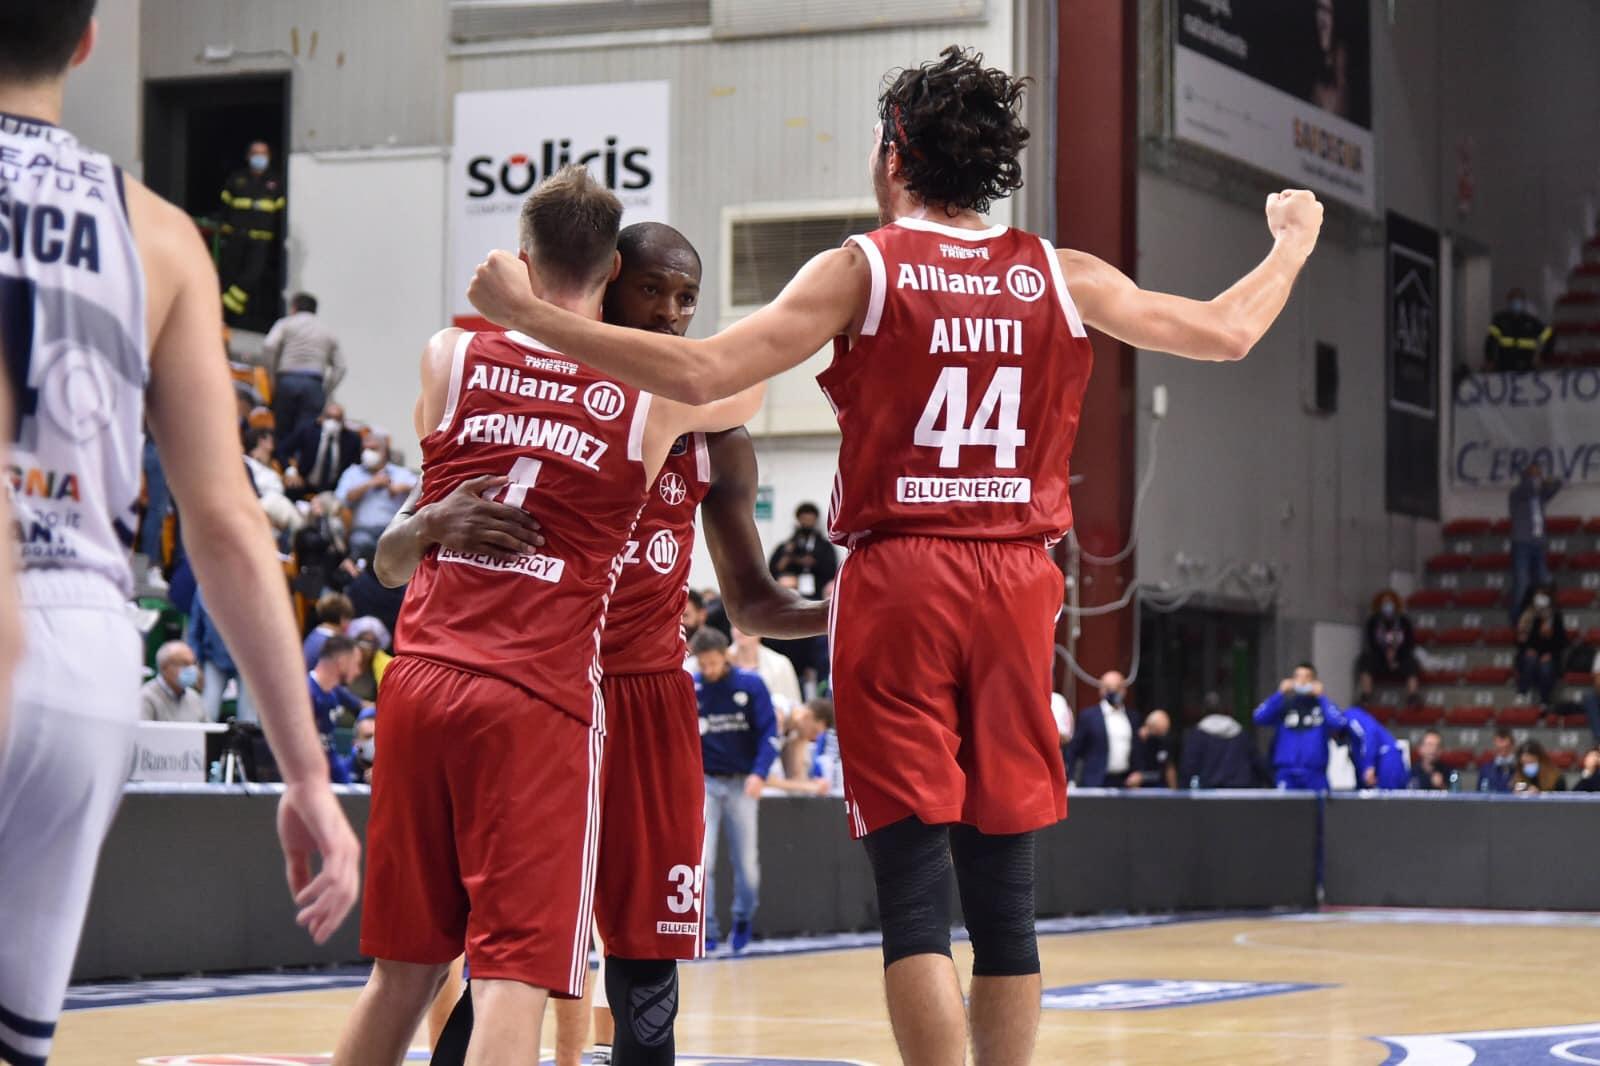 LBA Legabasket 2^ andata 2020-21: Dinamo Sassari e Fortitudo Bologna in difficoltà oppure è solo un semplice momento di calo?